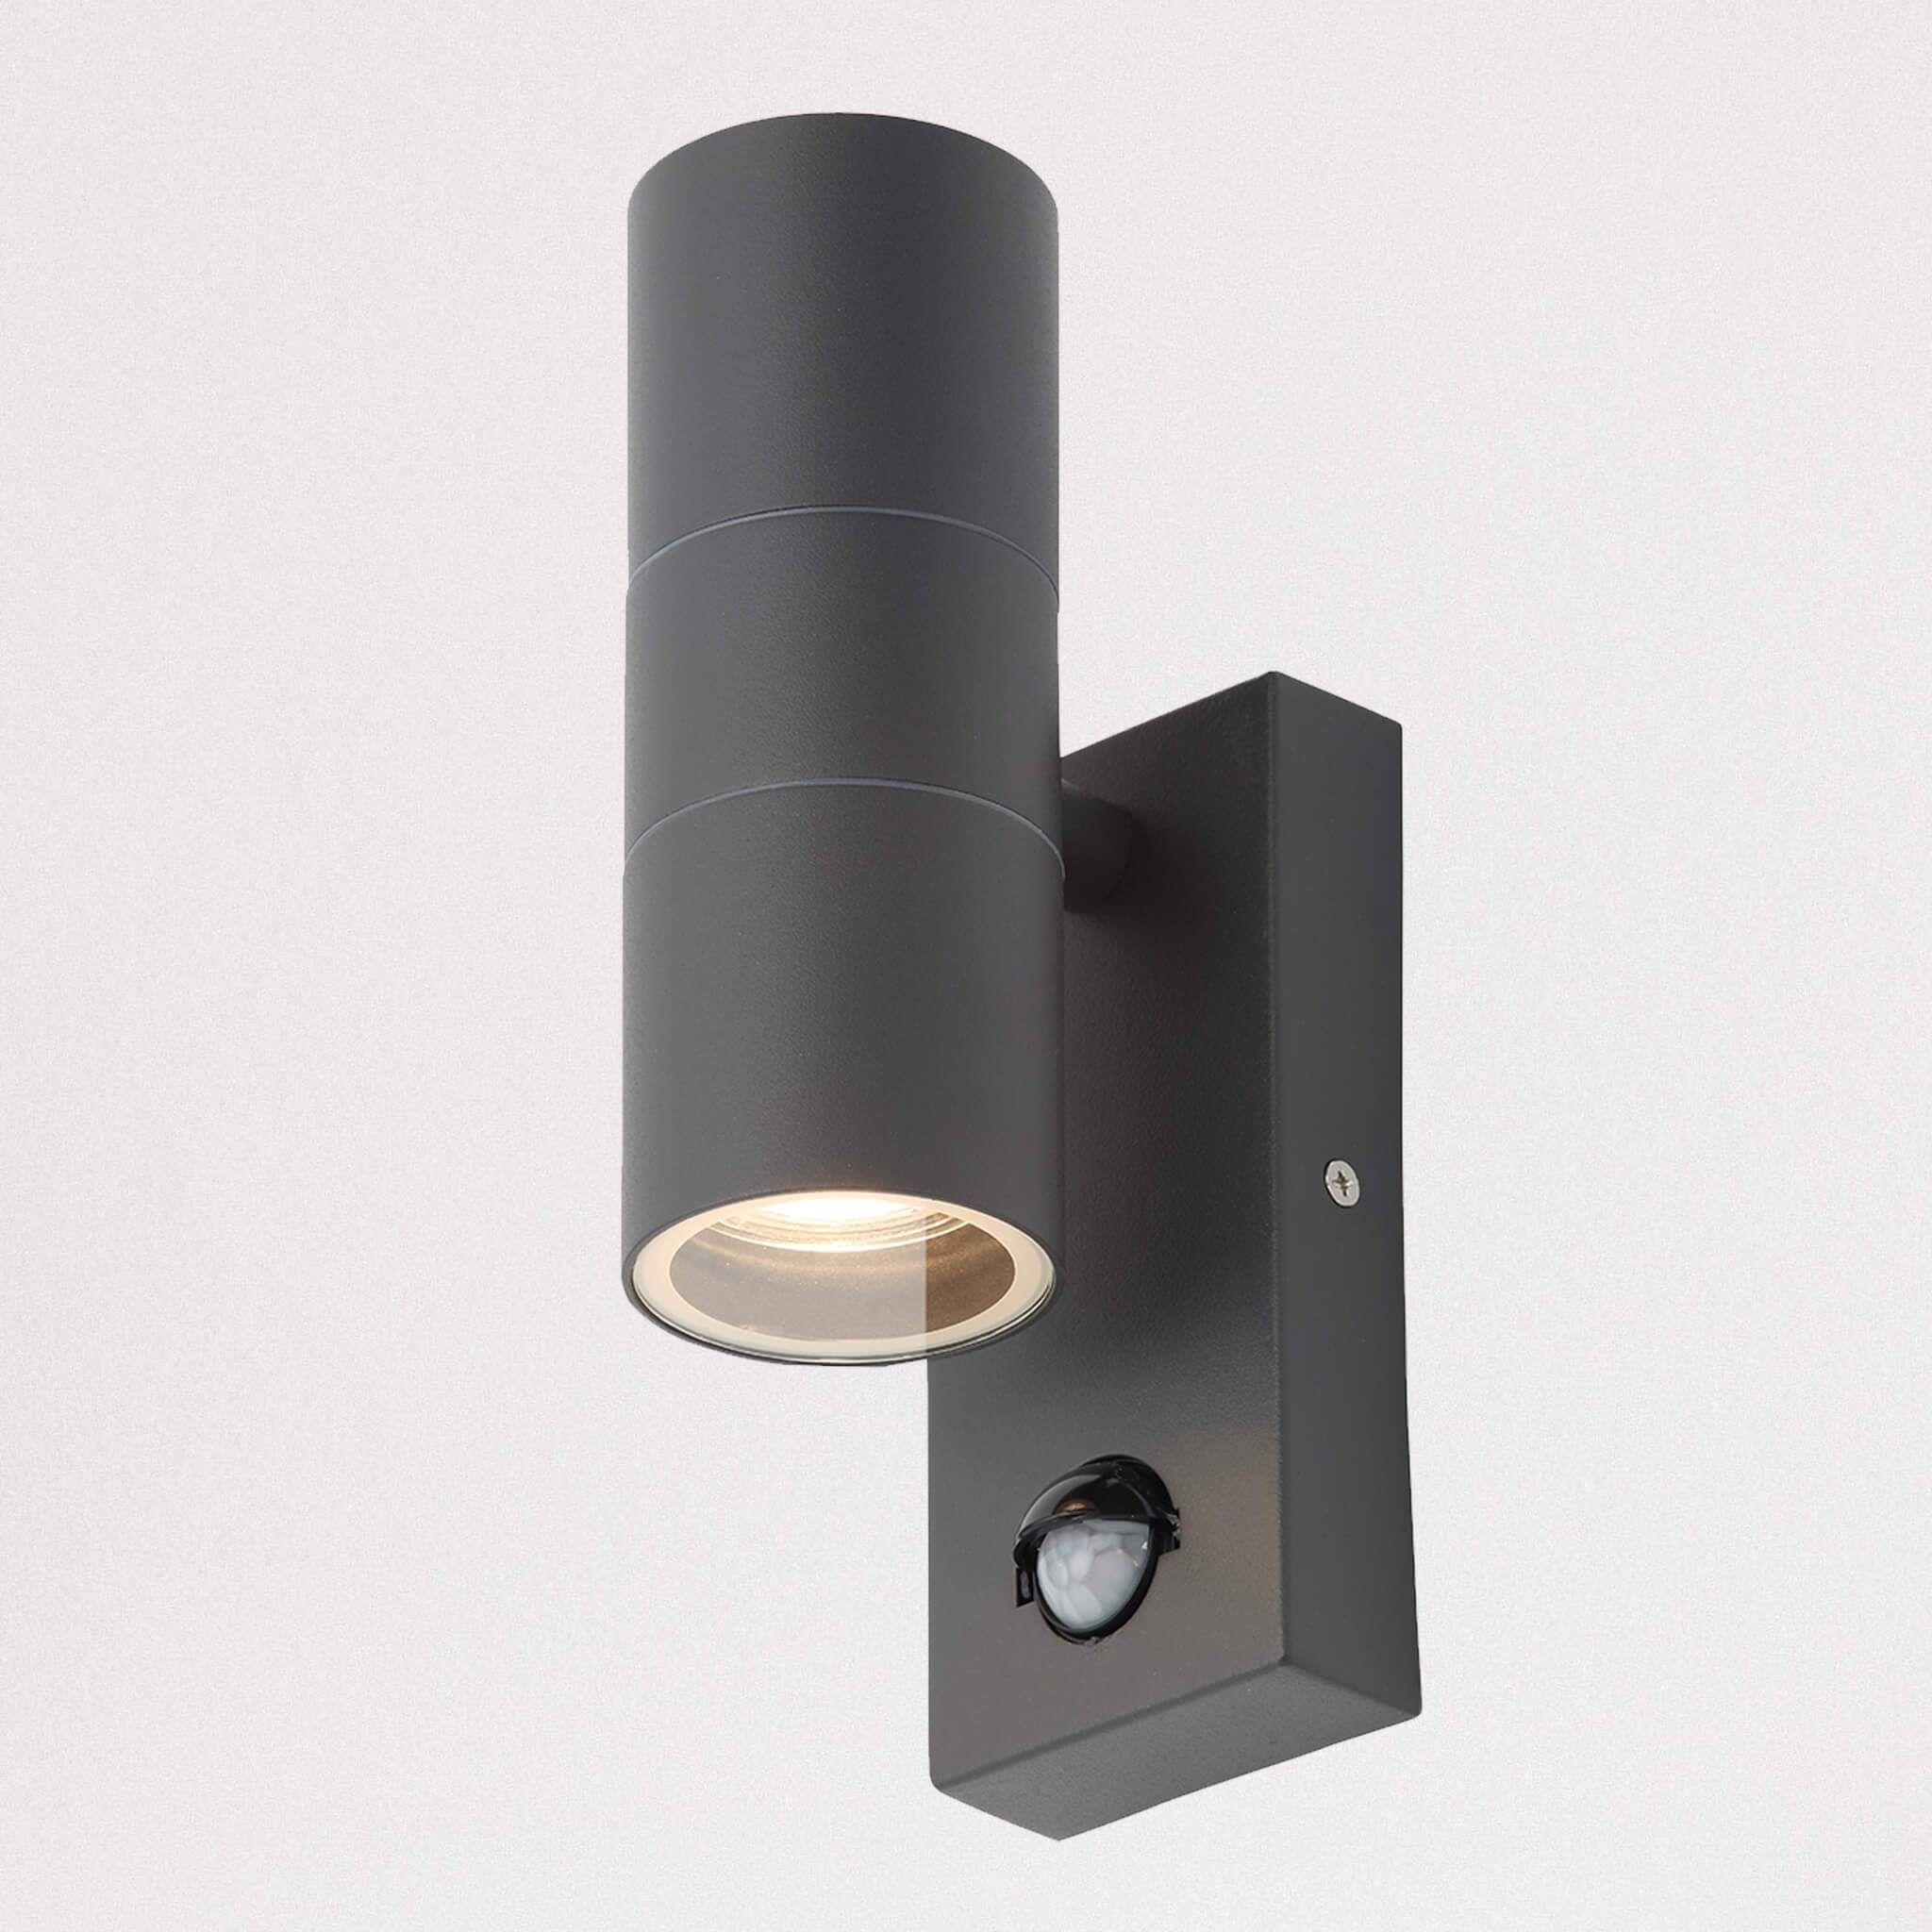 Astor Up Down Pir Sensor Wall Light Wall Lights Up Down Wall